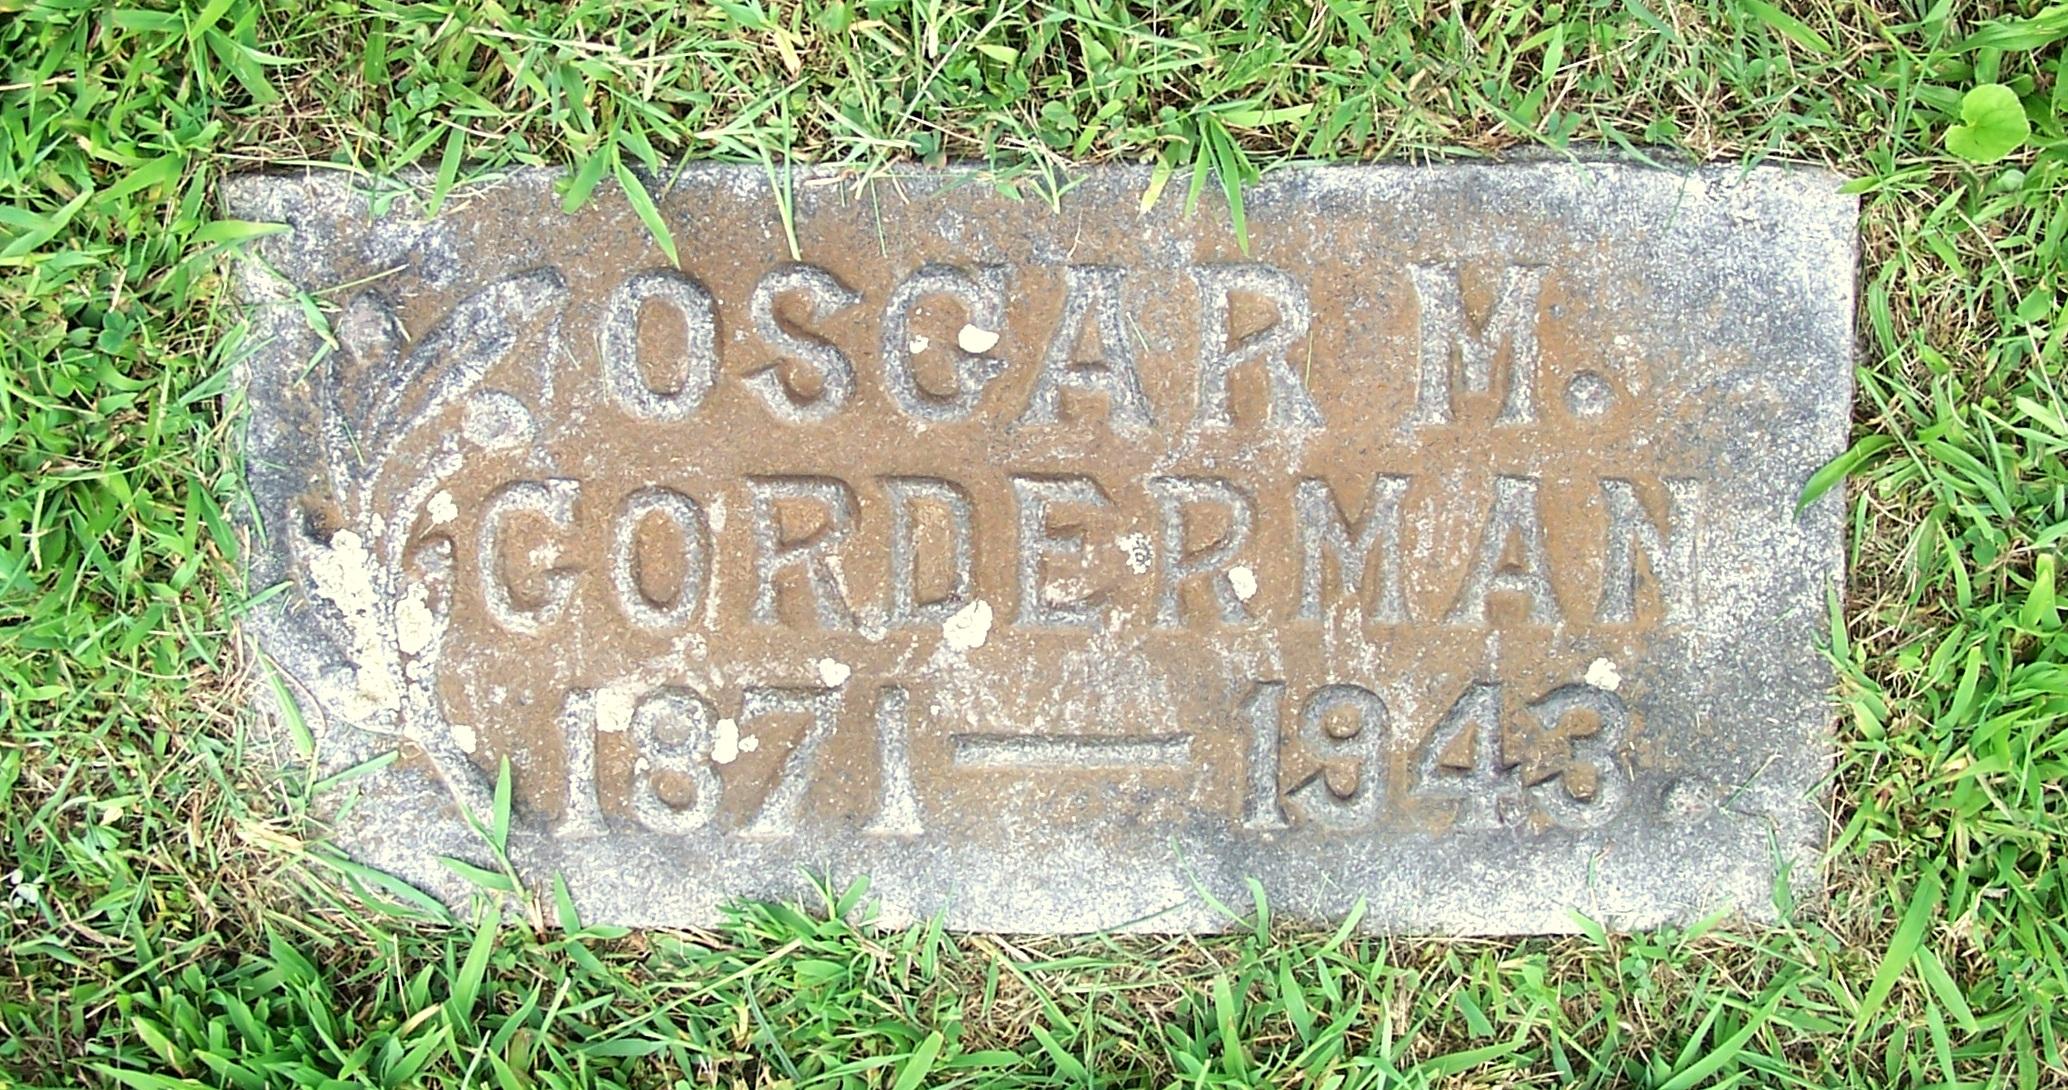 Oscar Milton Corderman